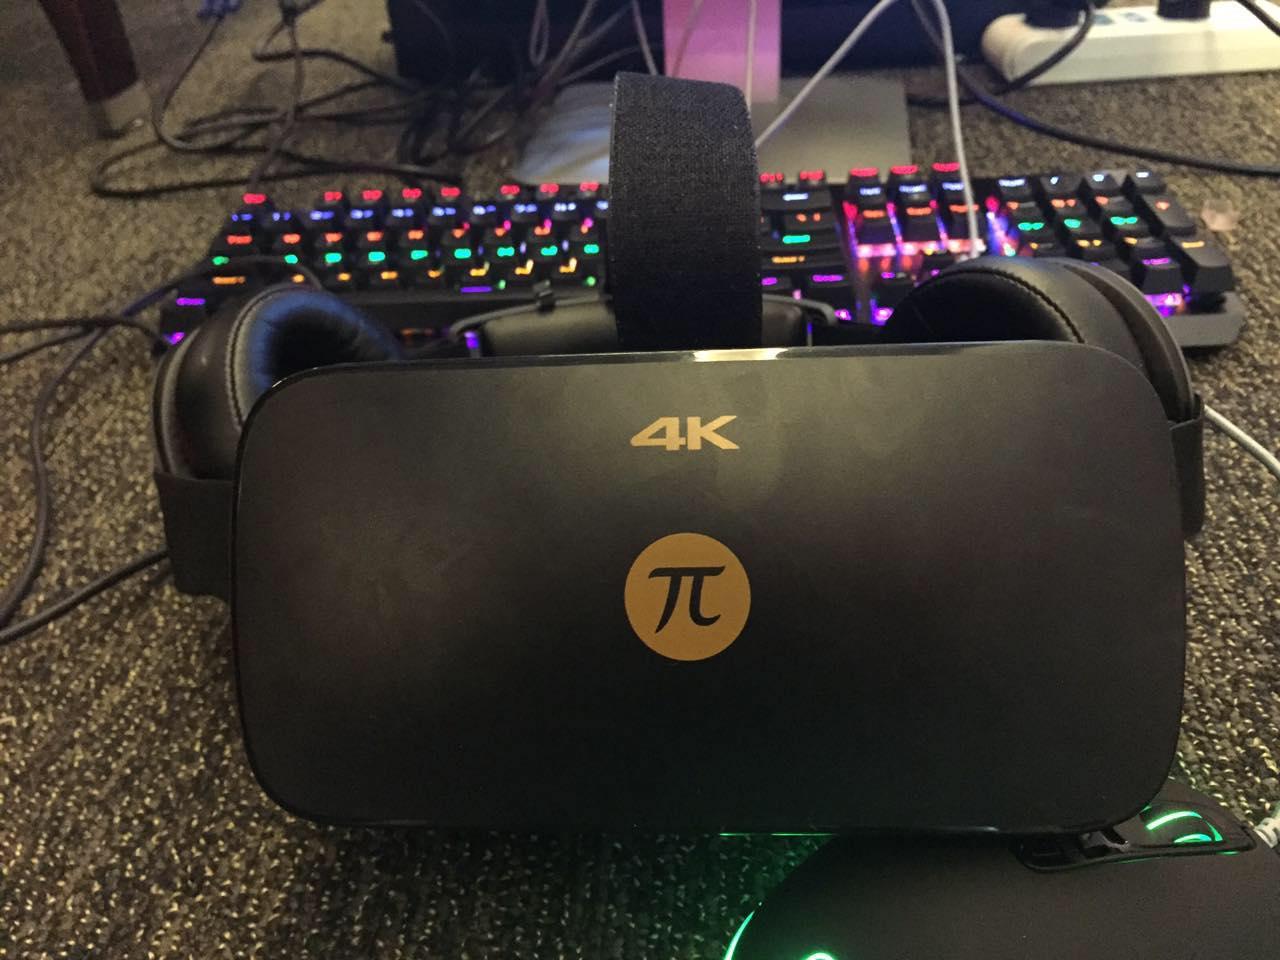 Meet the First 4K VR Headset - VR World